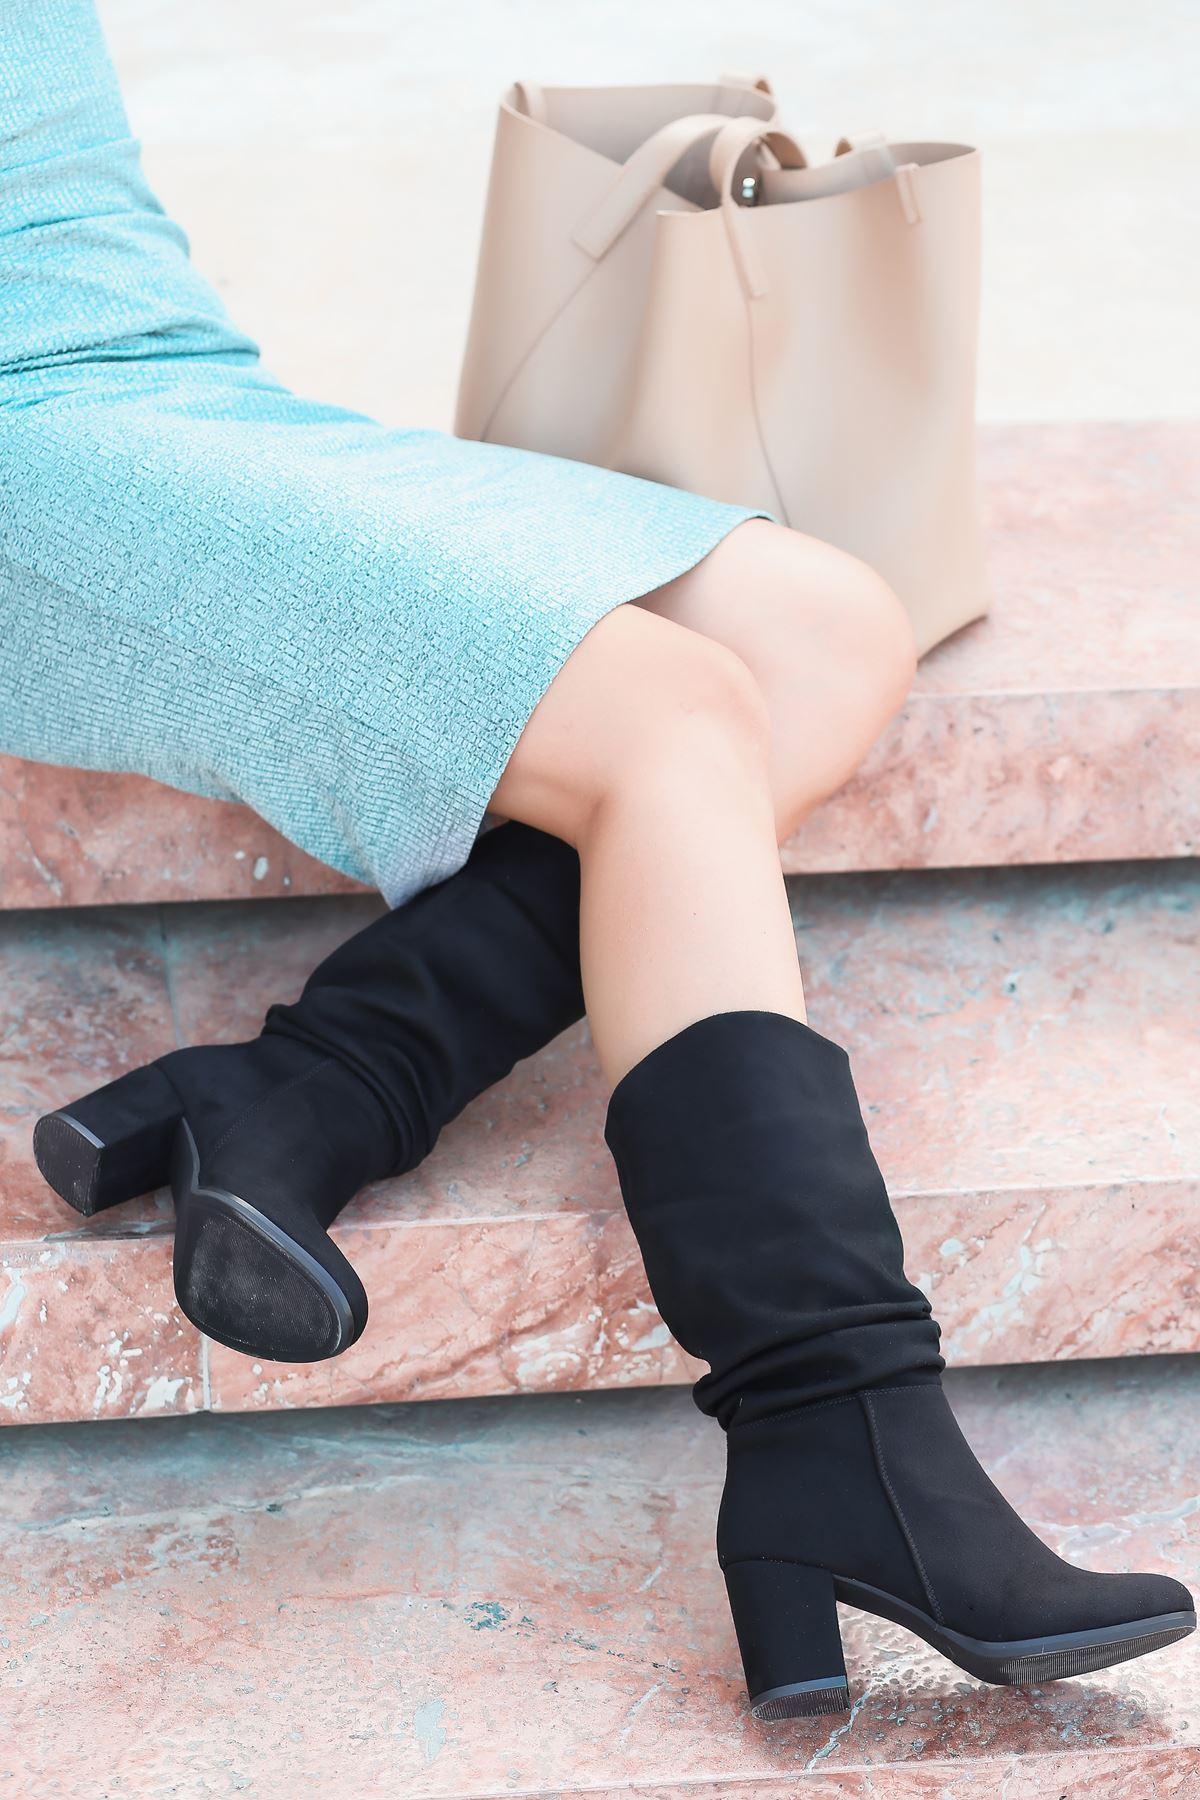 Vivo Körüklü Yüksek Topuklu Kadın Çizme Siyah Süet